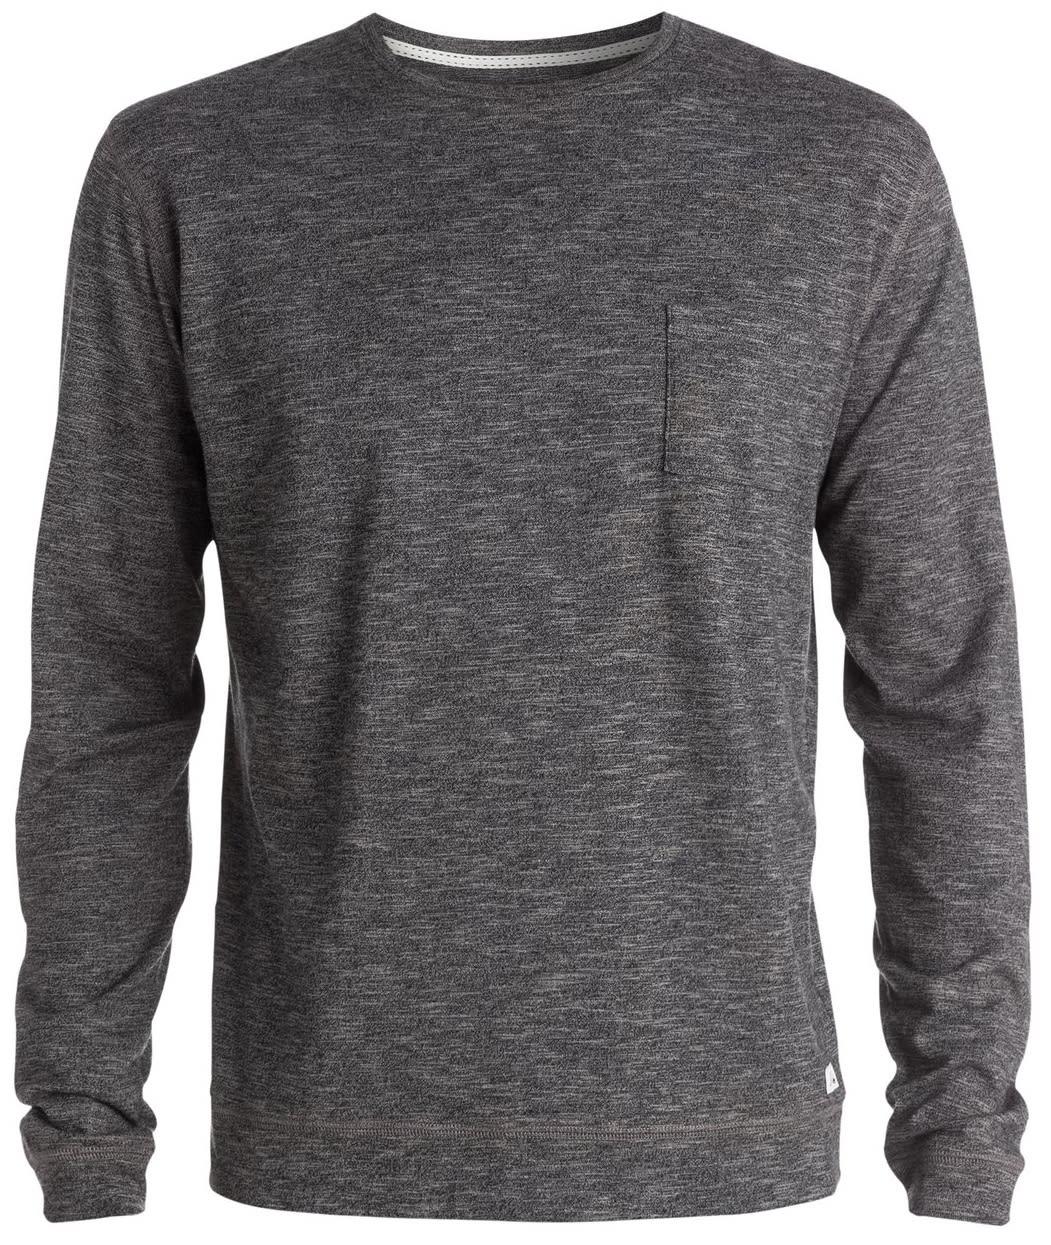 Quiksilver Lindow Crew Sweaters